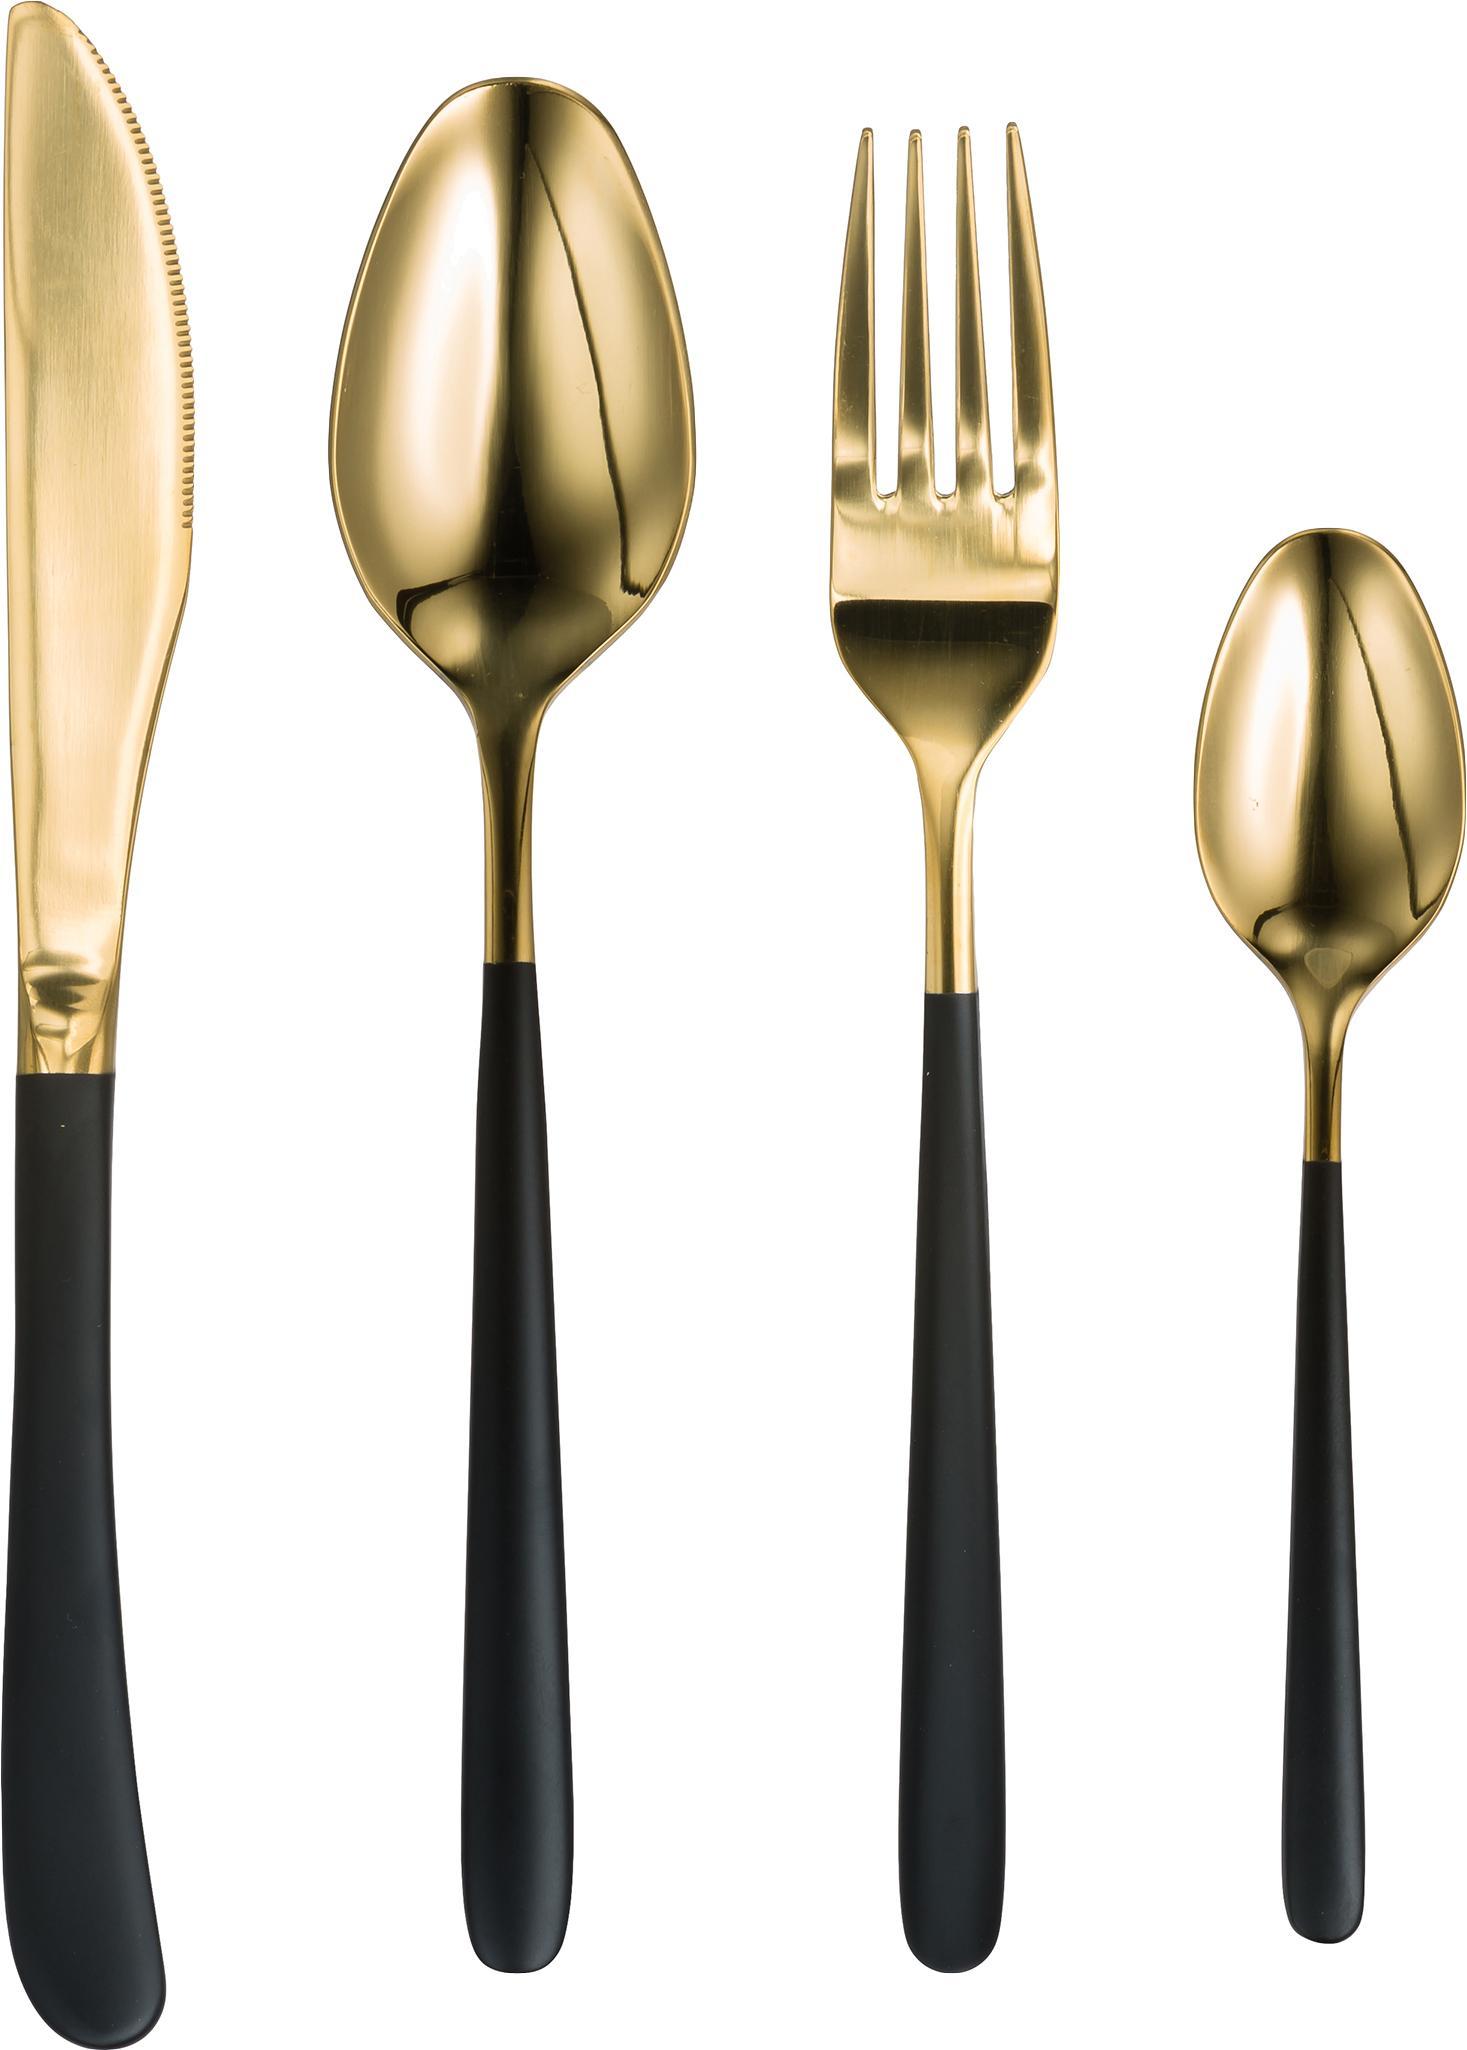 Besteck-Set Chiara in Gold mit schwarzen Griffen, 4-teilig, Edelstahl 18/10, Schwarz, Goldfarben, L 23 cm